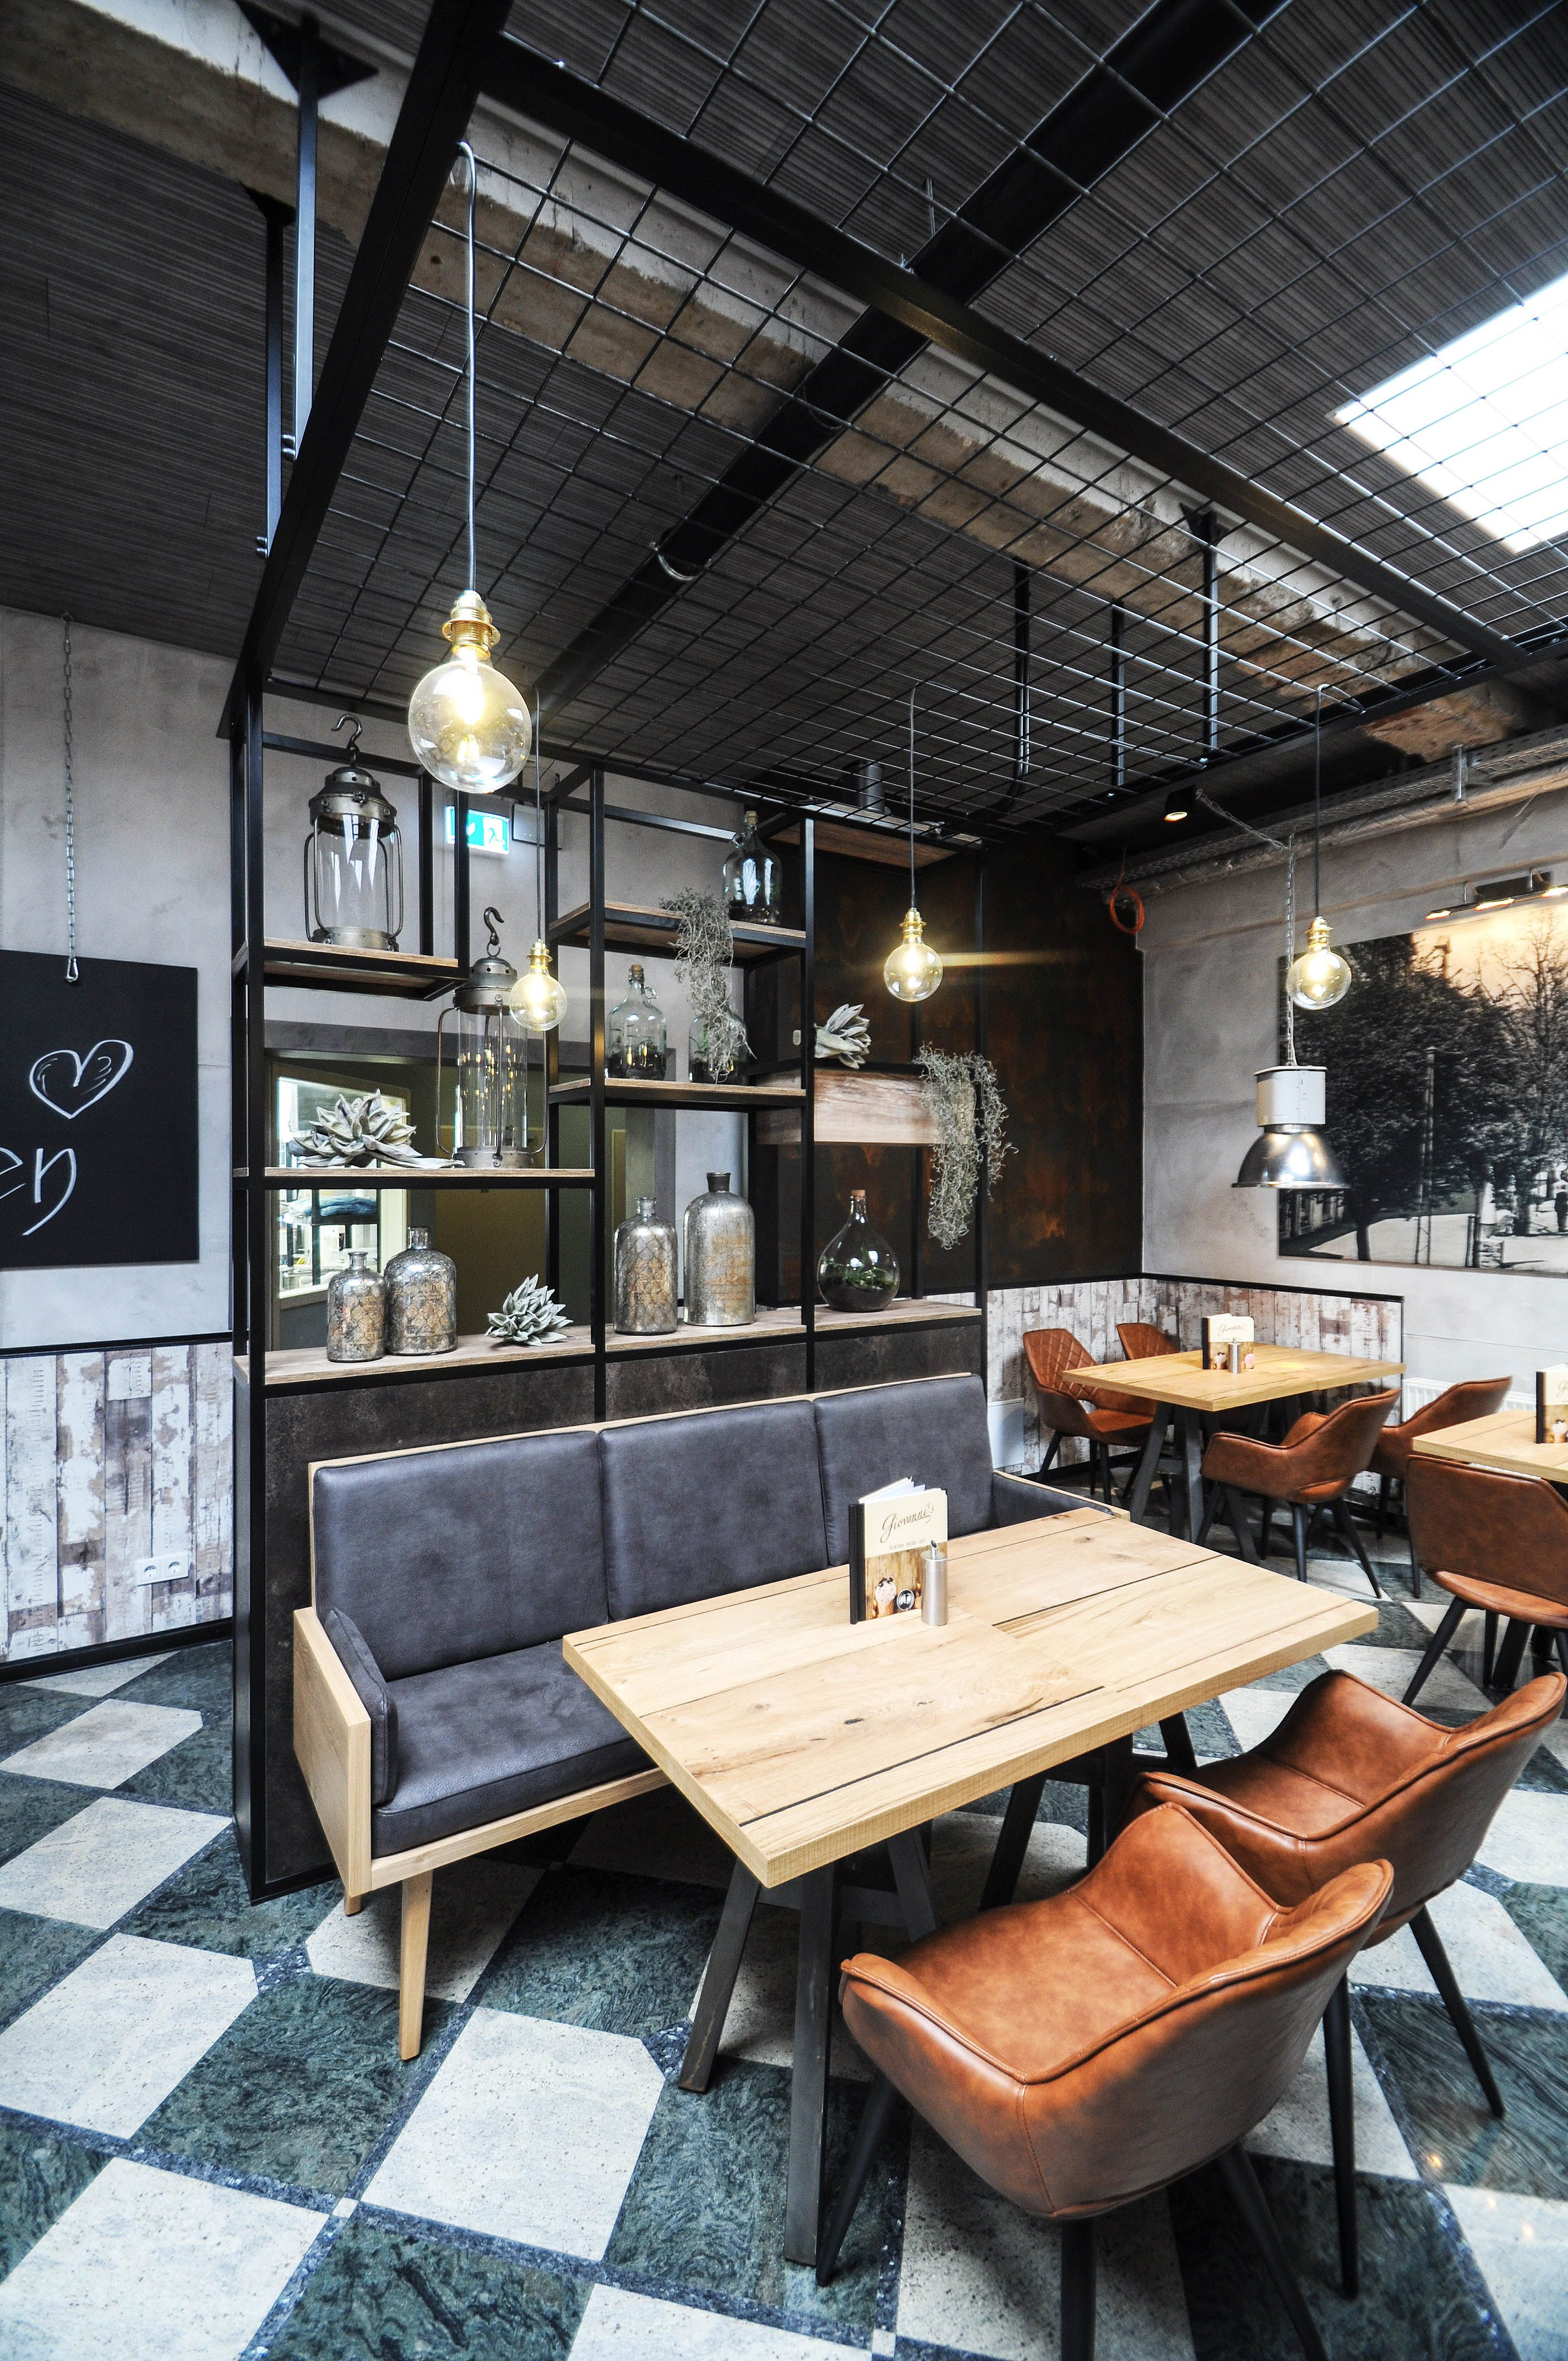 Eiscafe Cafe Bistro Industrial Industrie Style Giovanni S Rustic Rustikal Gummersbach Bistro Design Shop Innenarchitektur Restaurant Interieur